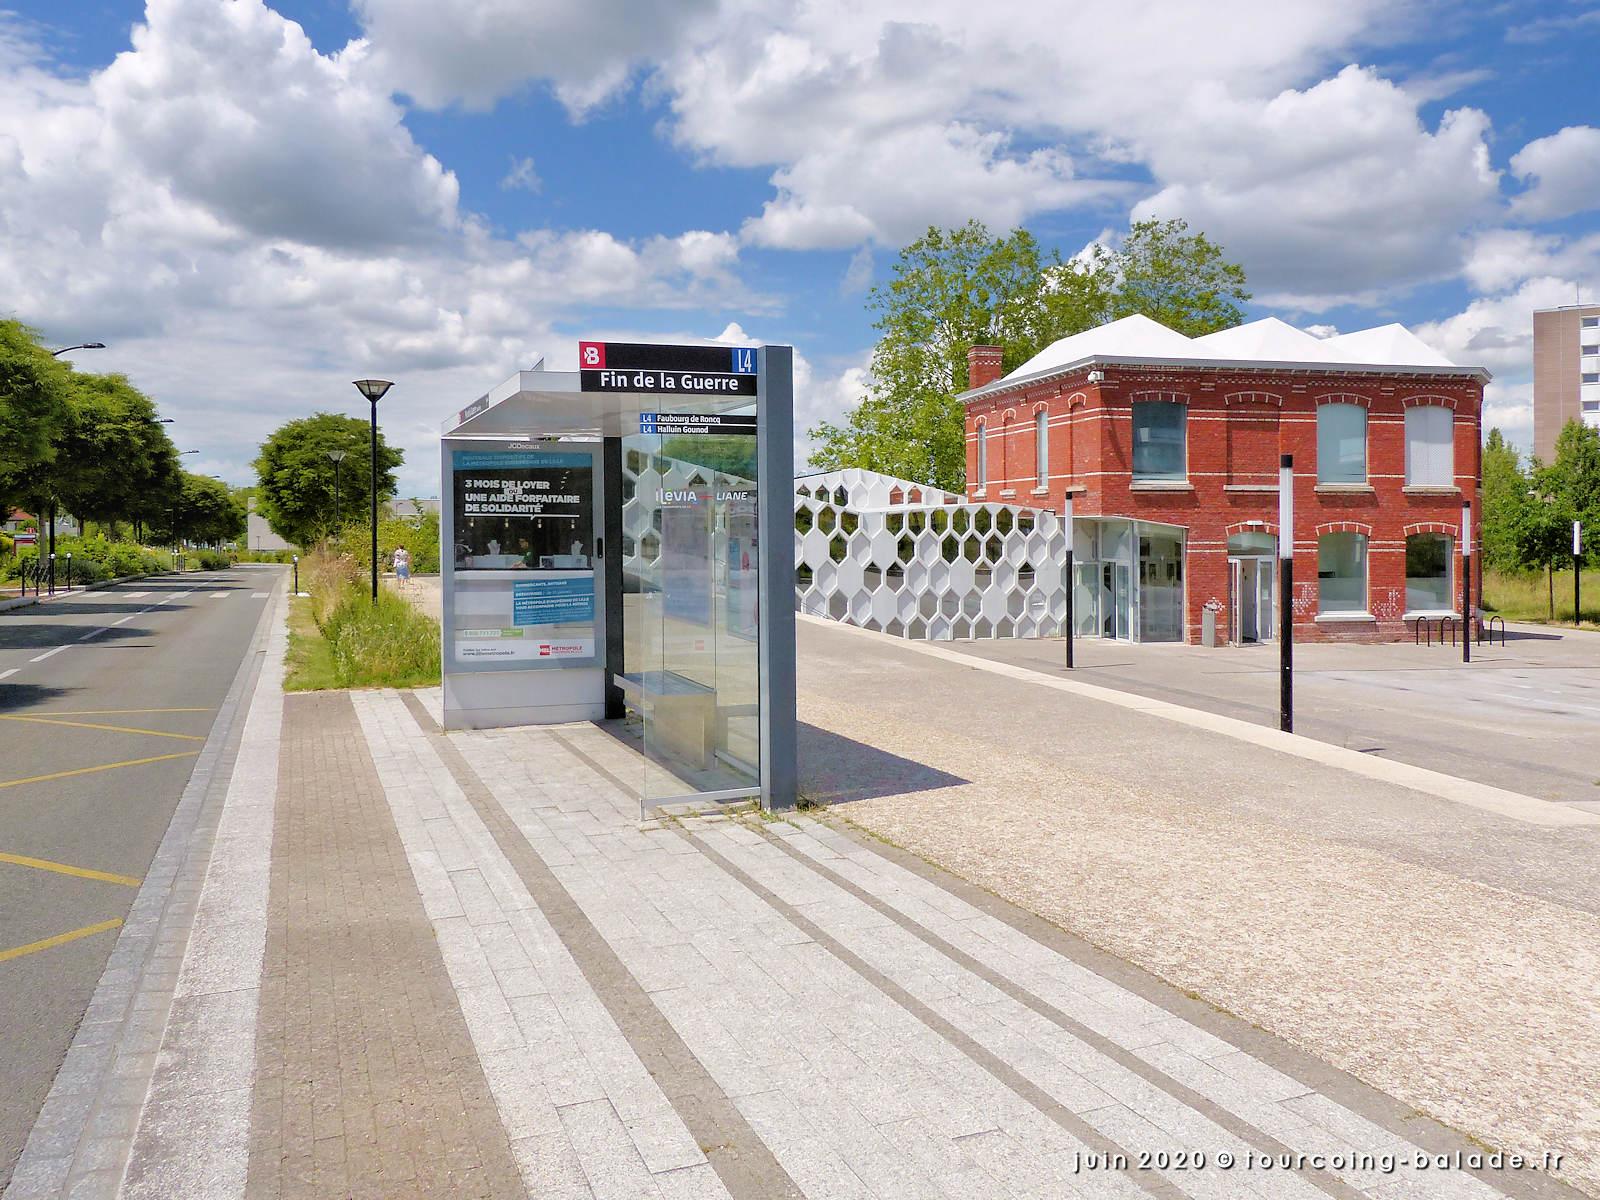 Arrêt bus Médiathèque Chedid Tourcoing, 2020